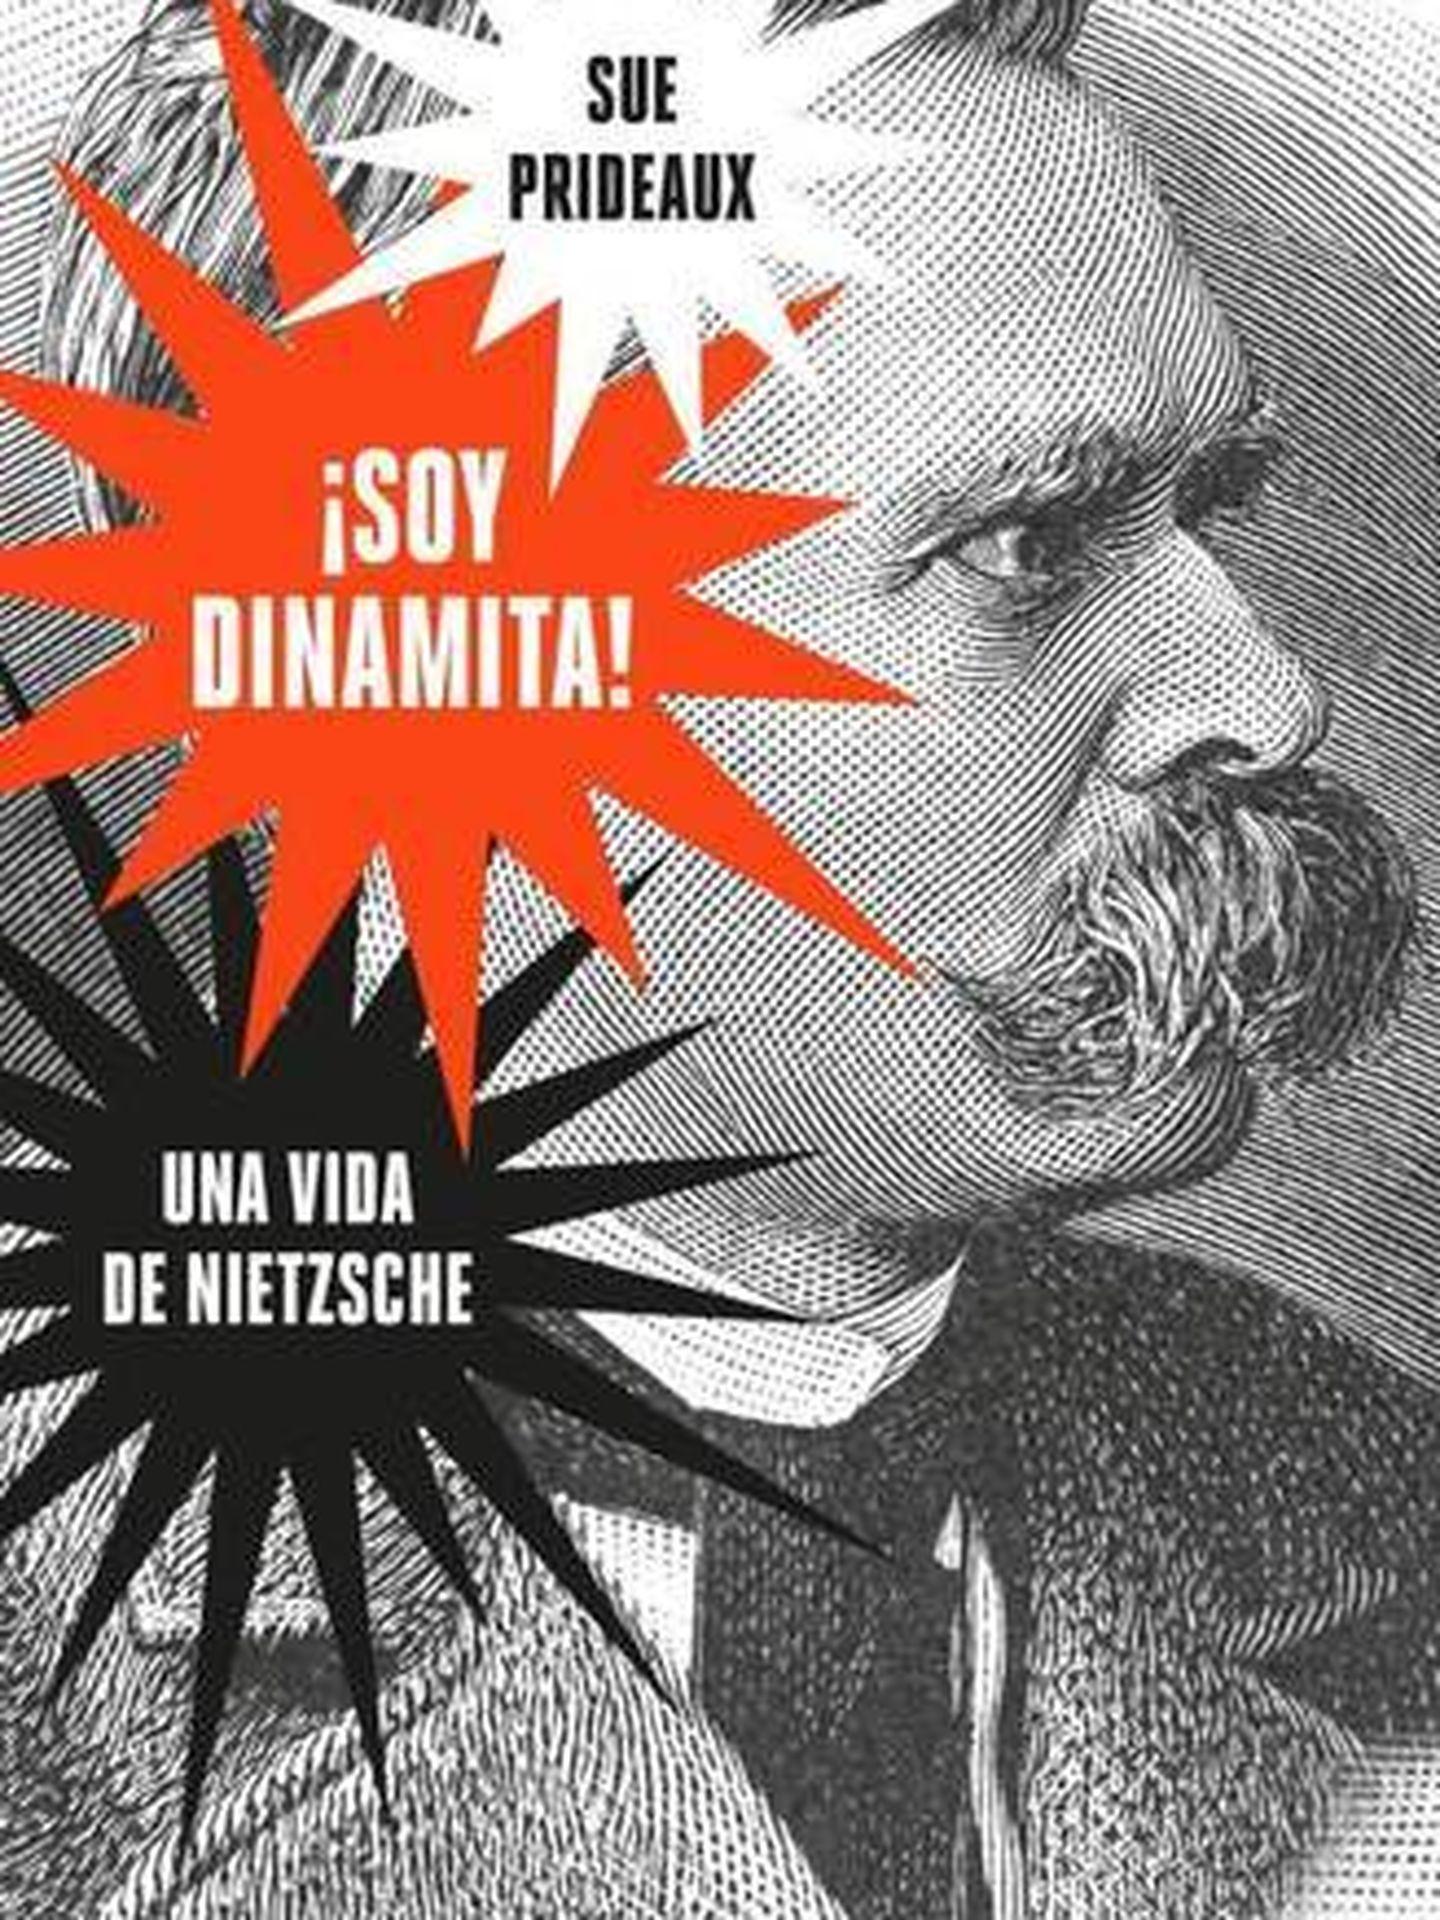 'Soy dinamita'.